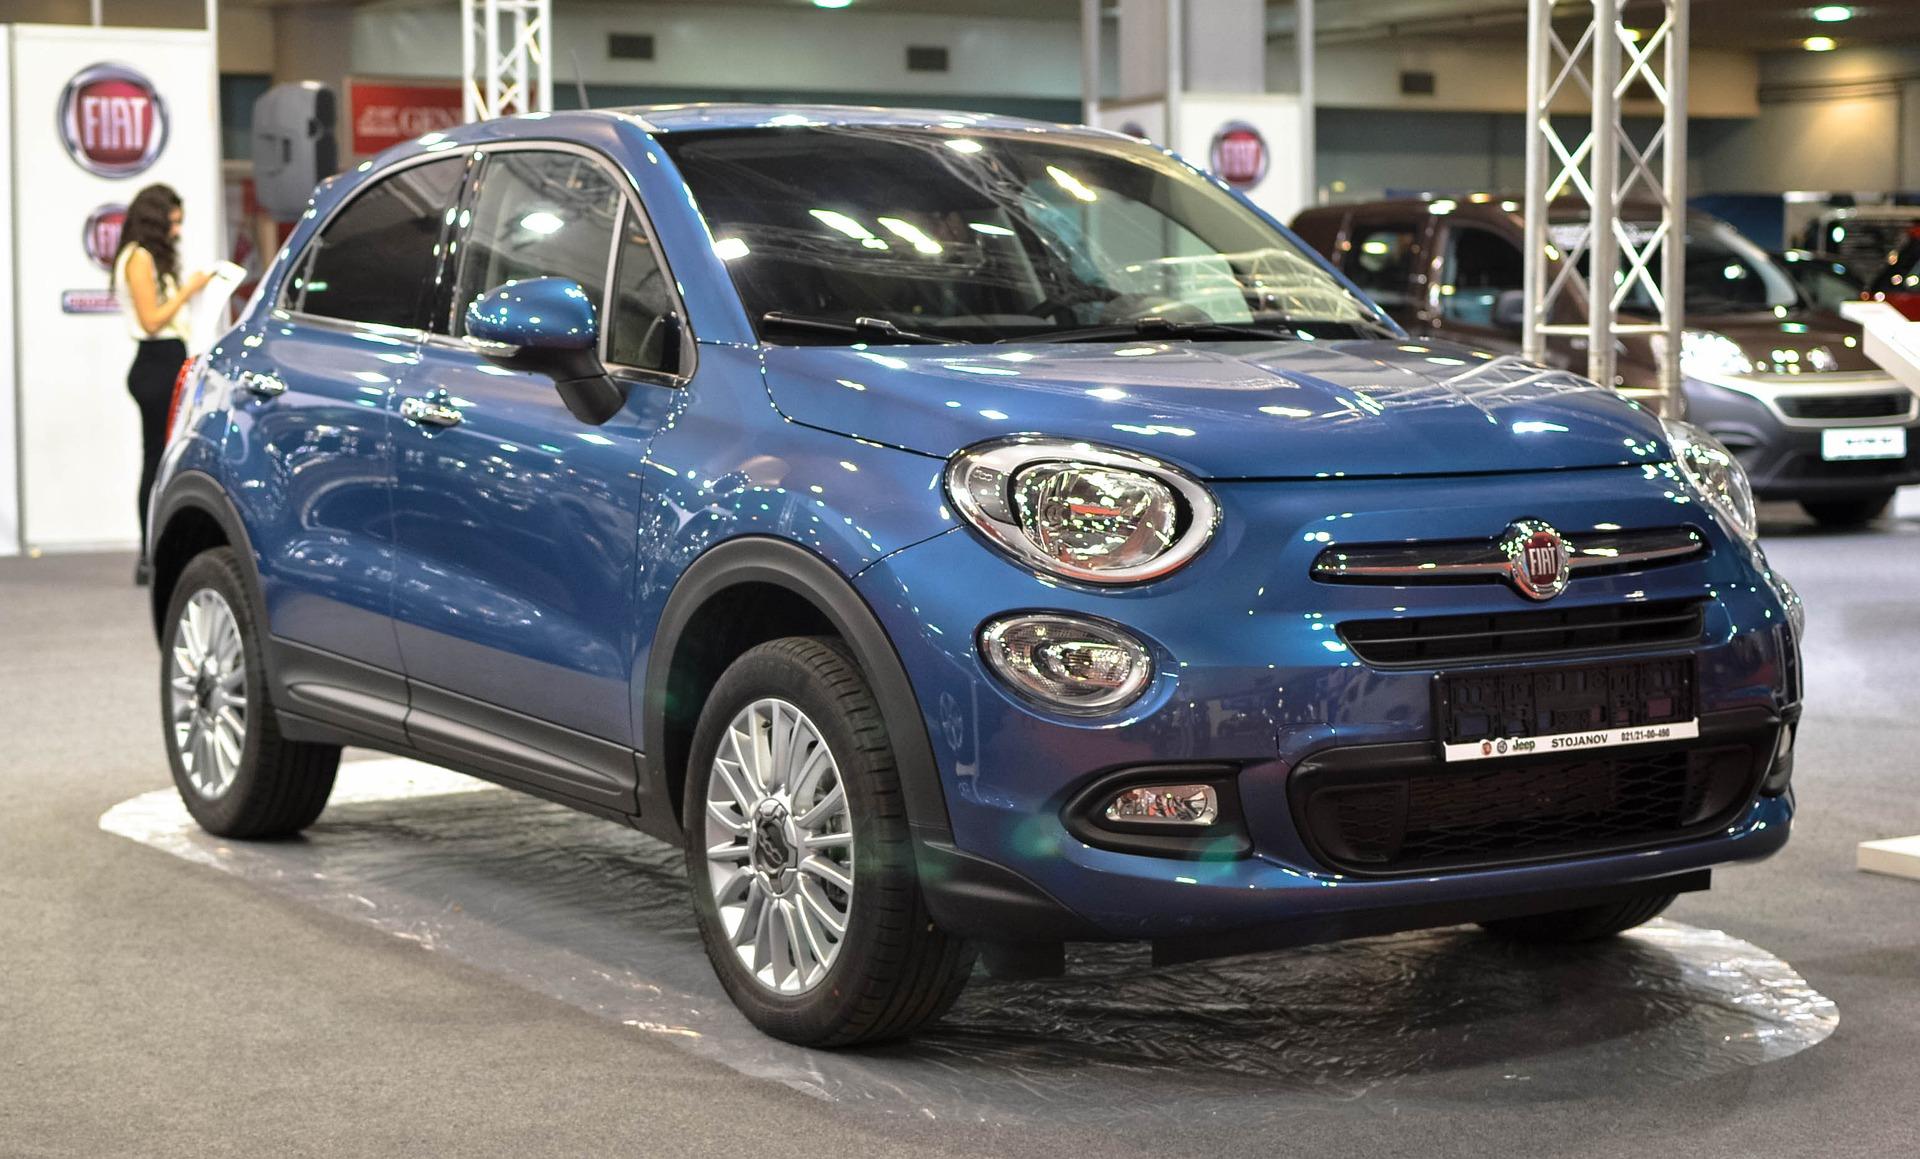 Ein blauer Fiat